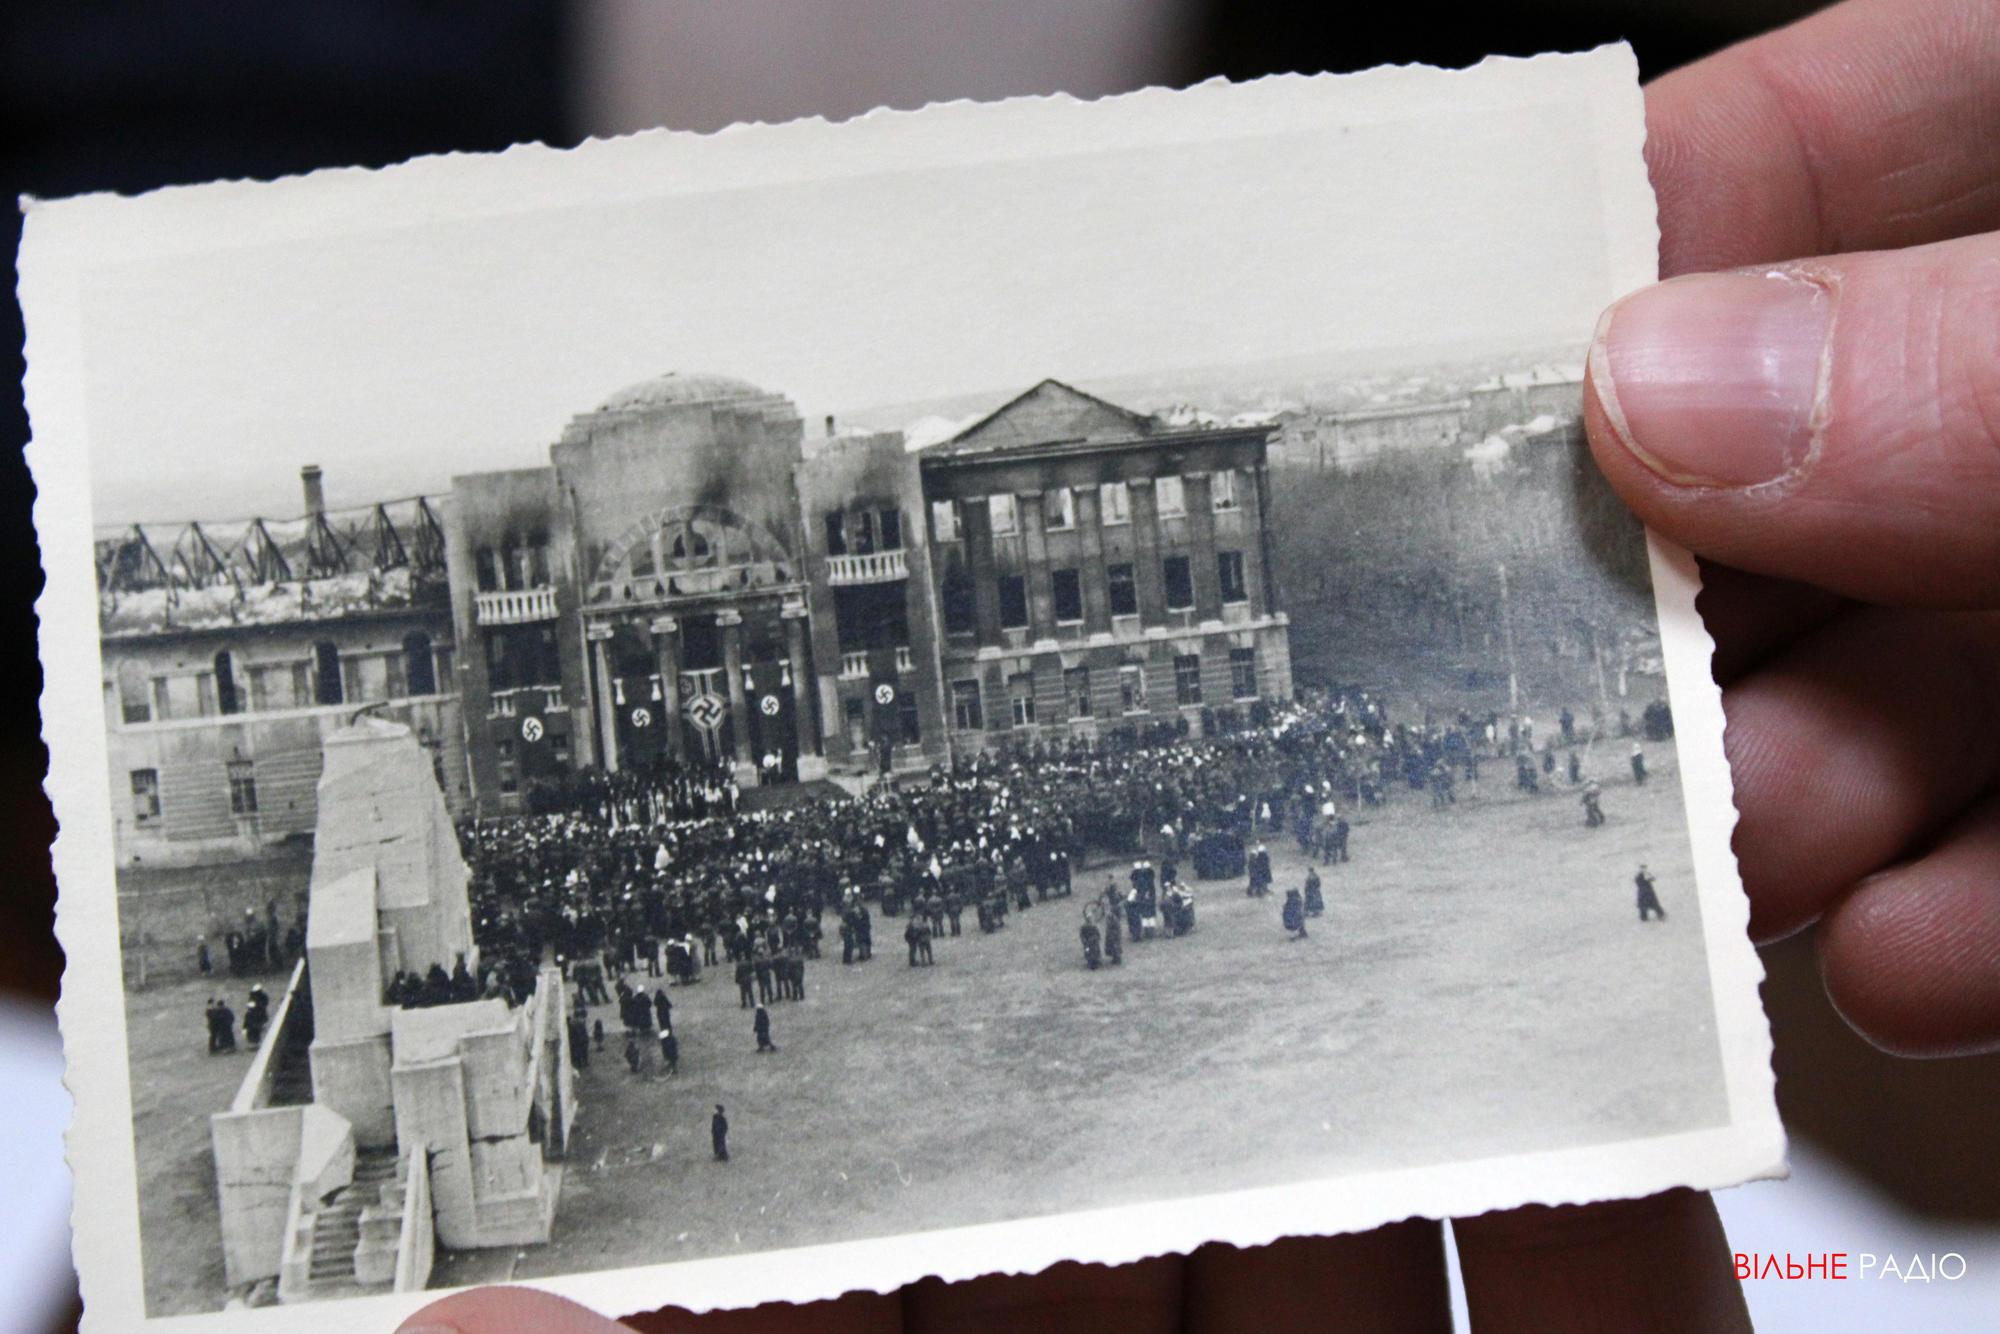 Во время Второй мировой войны оккупанты сожгли в Бахмуте дворец культуры им. Мартынова